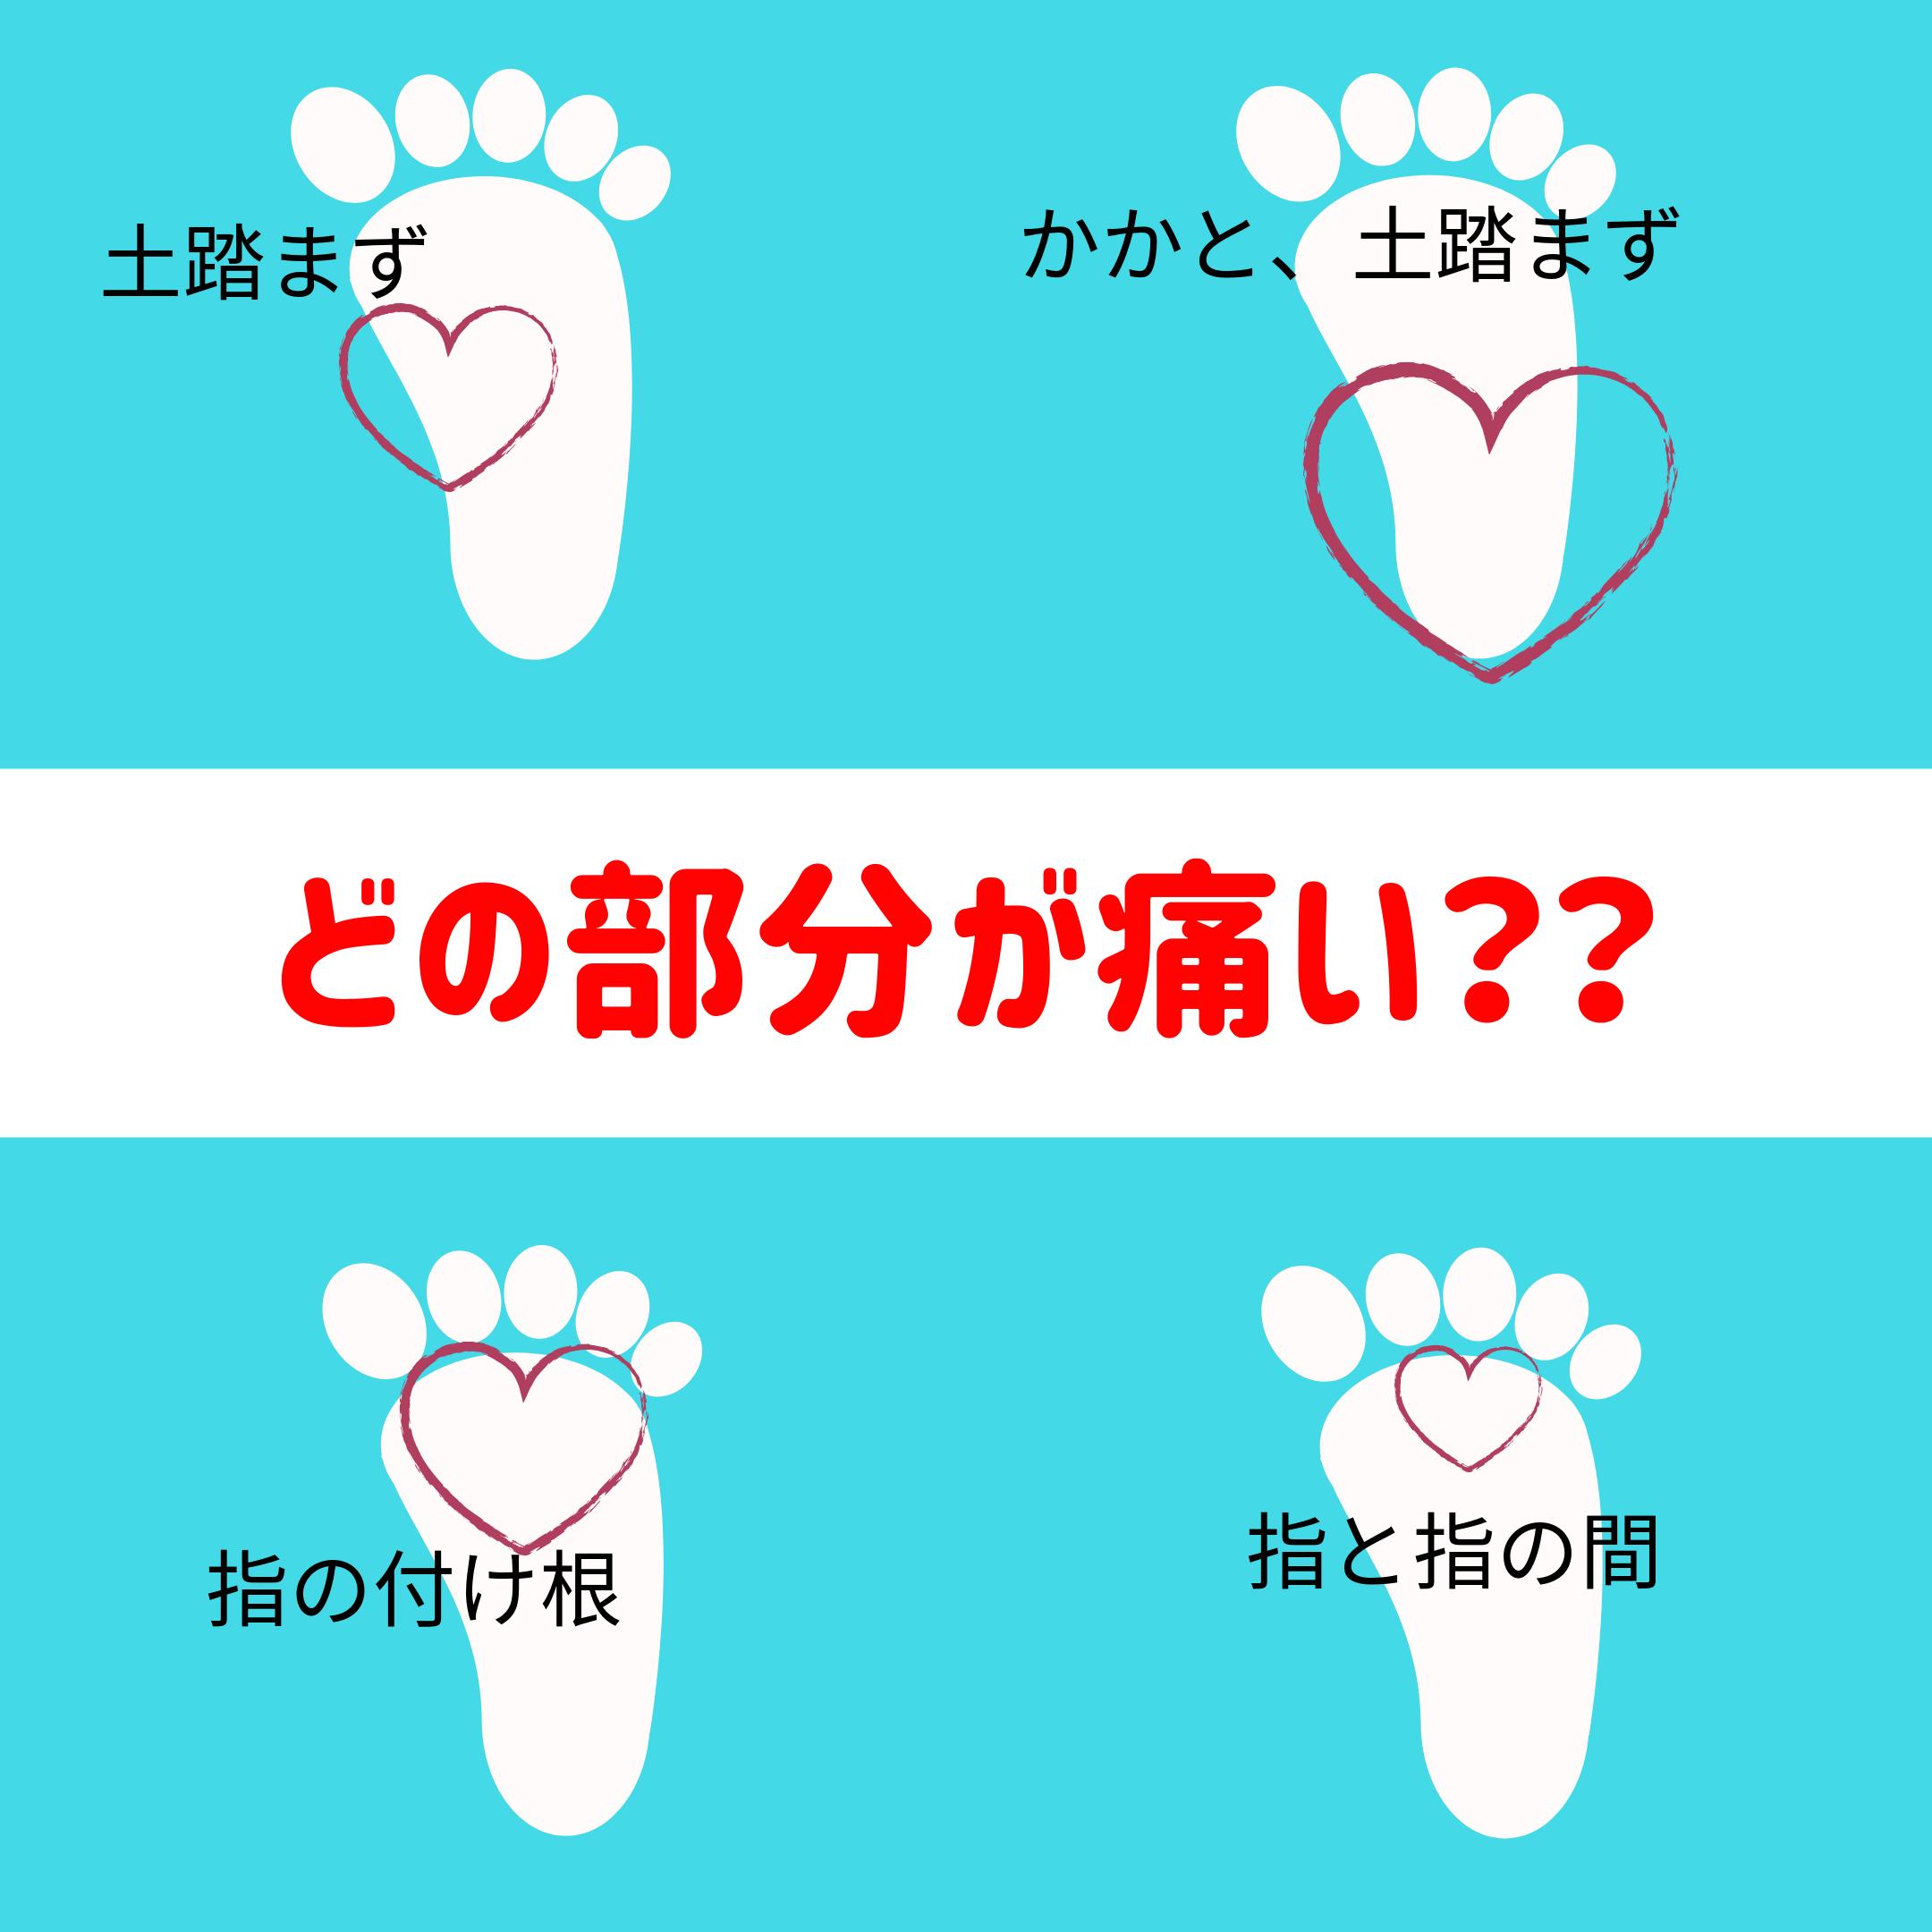 付け根 の 妊婦 足